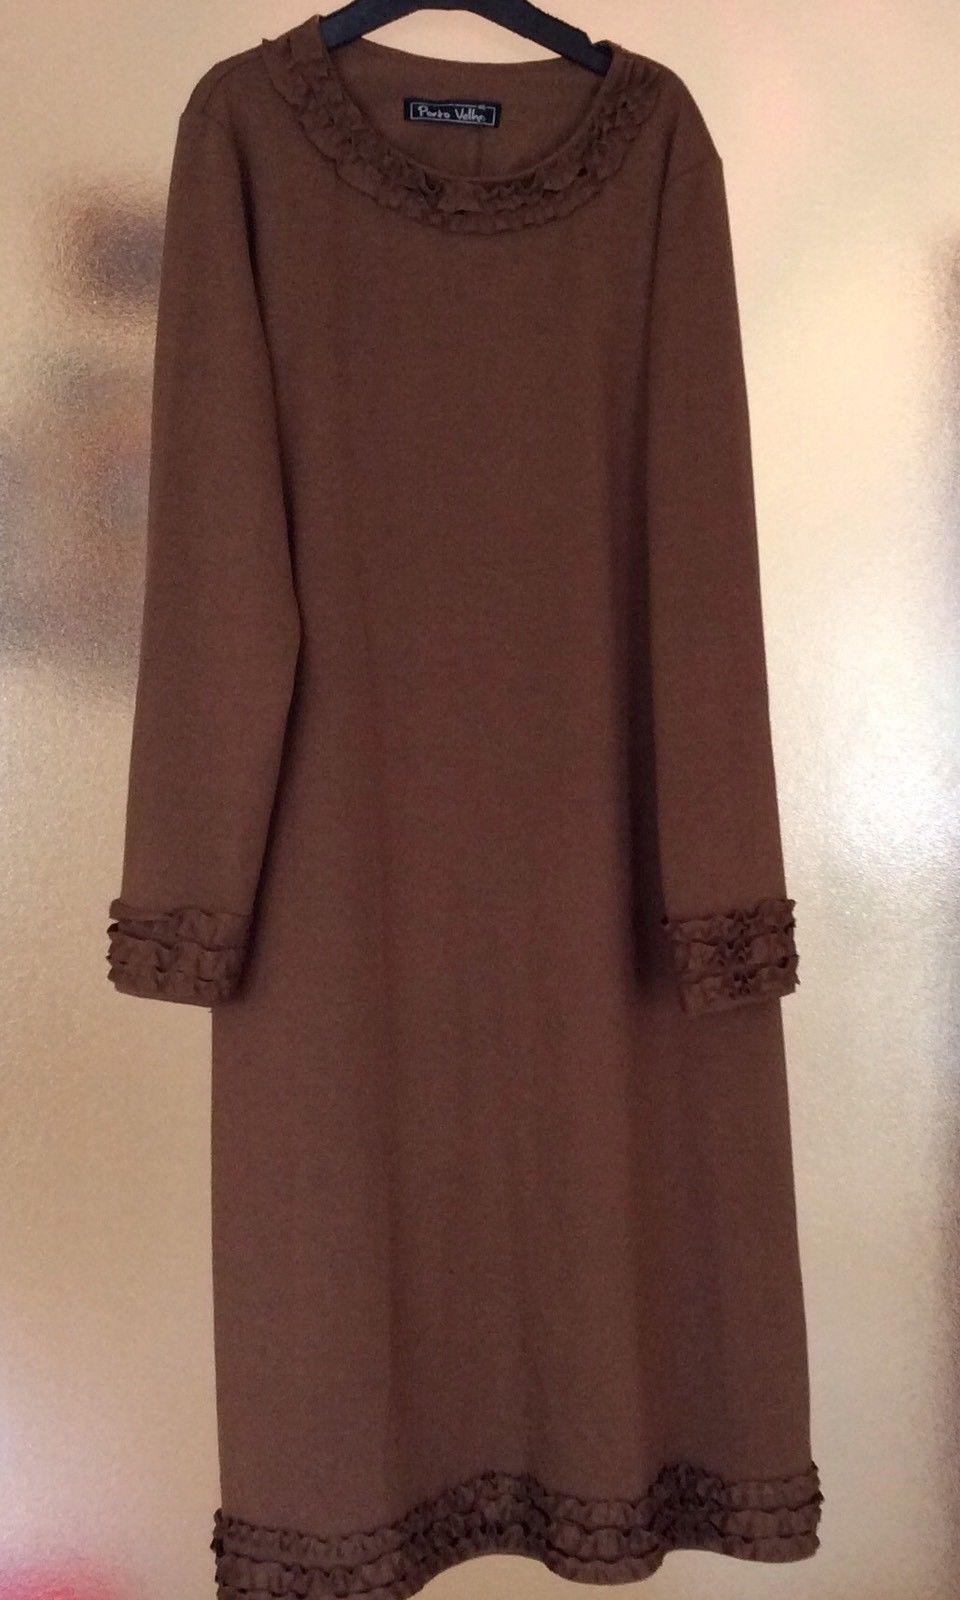 Formal Coolste Schicke Kleider Größe 46 ÄrmelAbend Schön Schicke Kleider Größe 46 Vertrieb